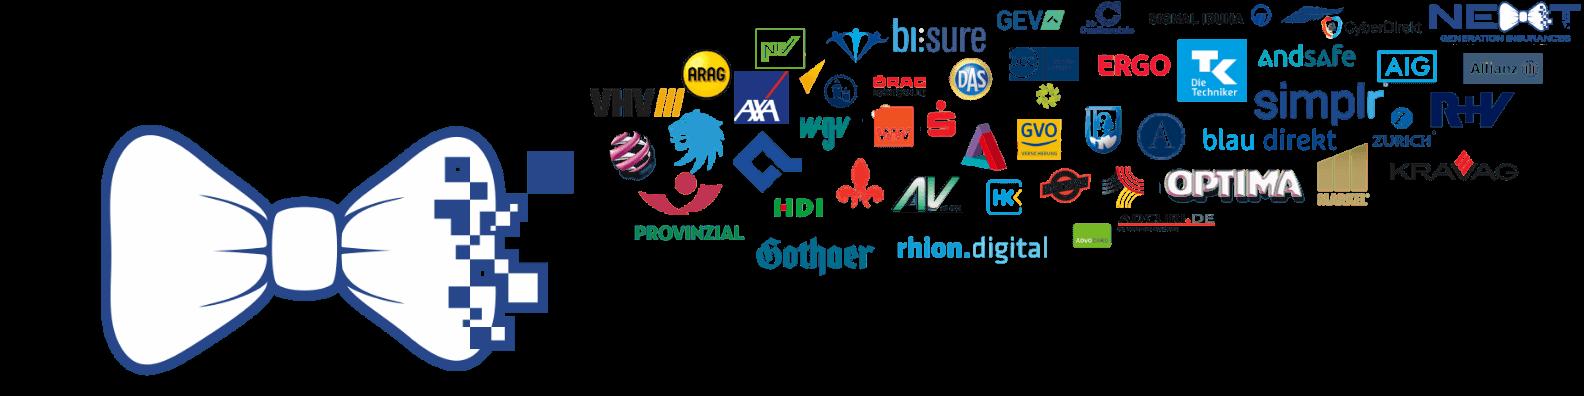 blau direkt, bisure und OPTIMA sind die vertriebsnahen Unterstützer und die Gesellschaften die Produktgeber für uns alle.